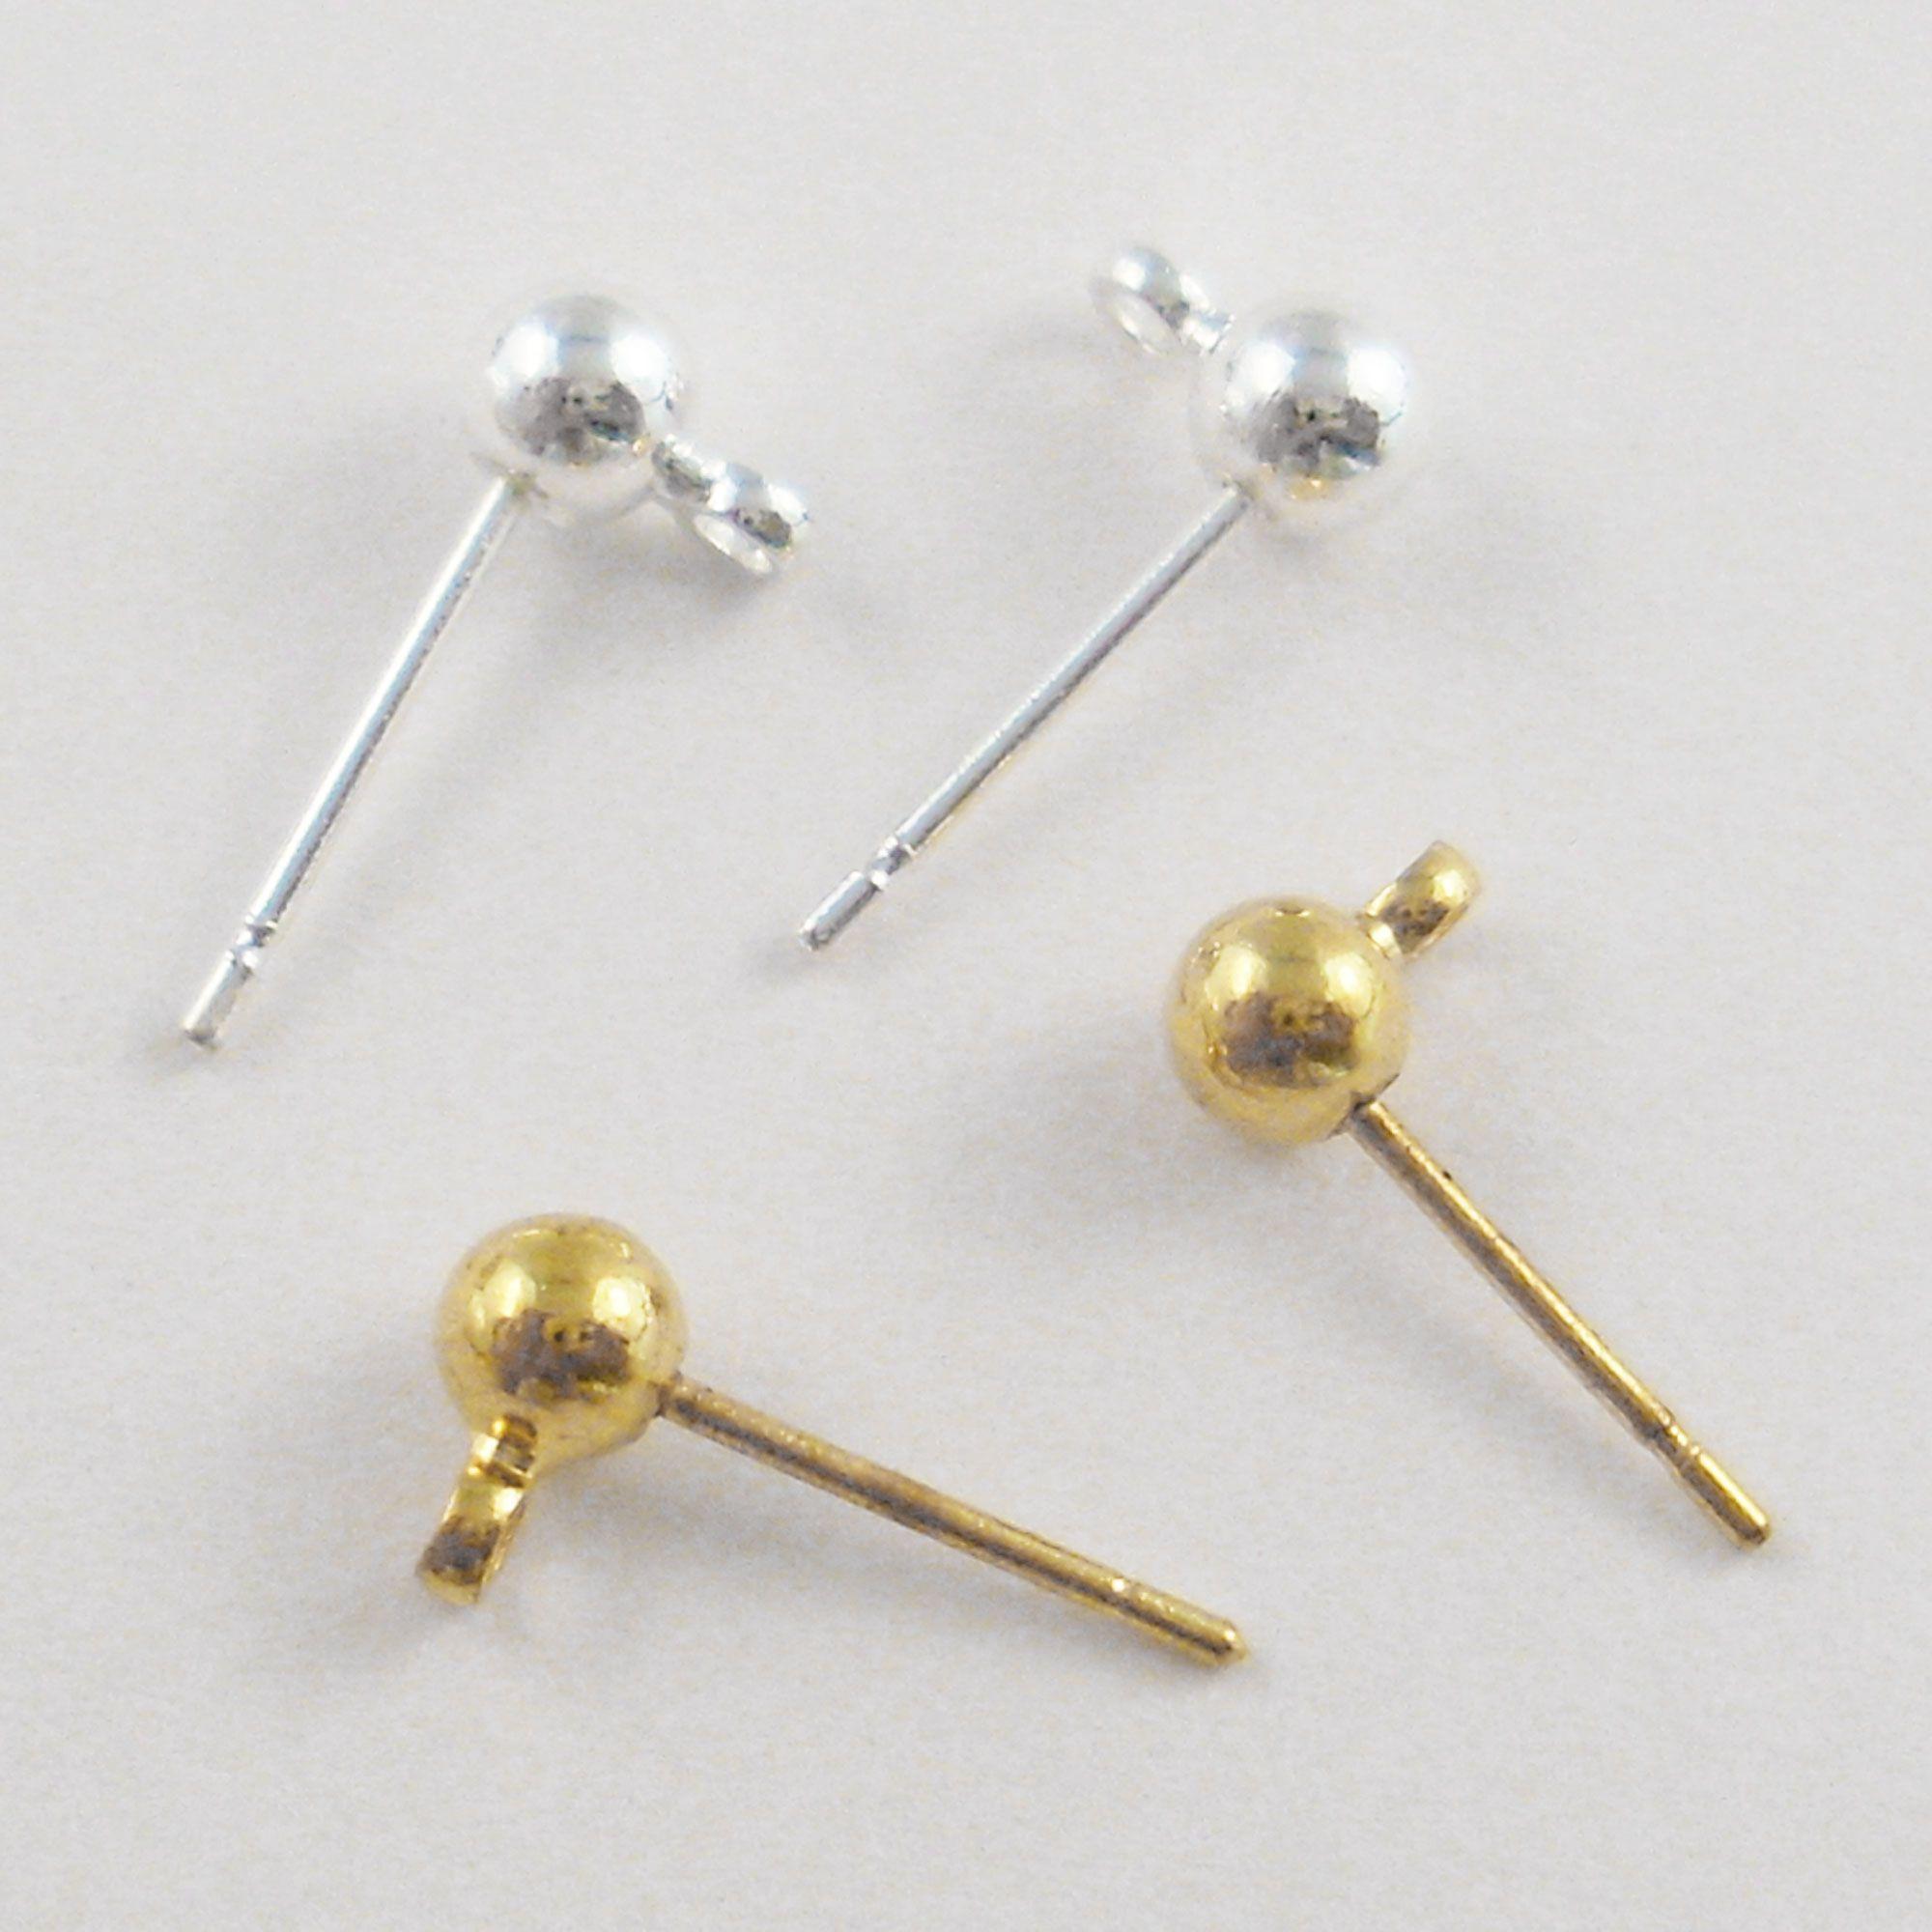 1 Paar Lange Silber Ohrstecker Ohrringe Perle Ohr-Link-Ohrstecker Schmuck Neu